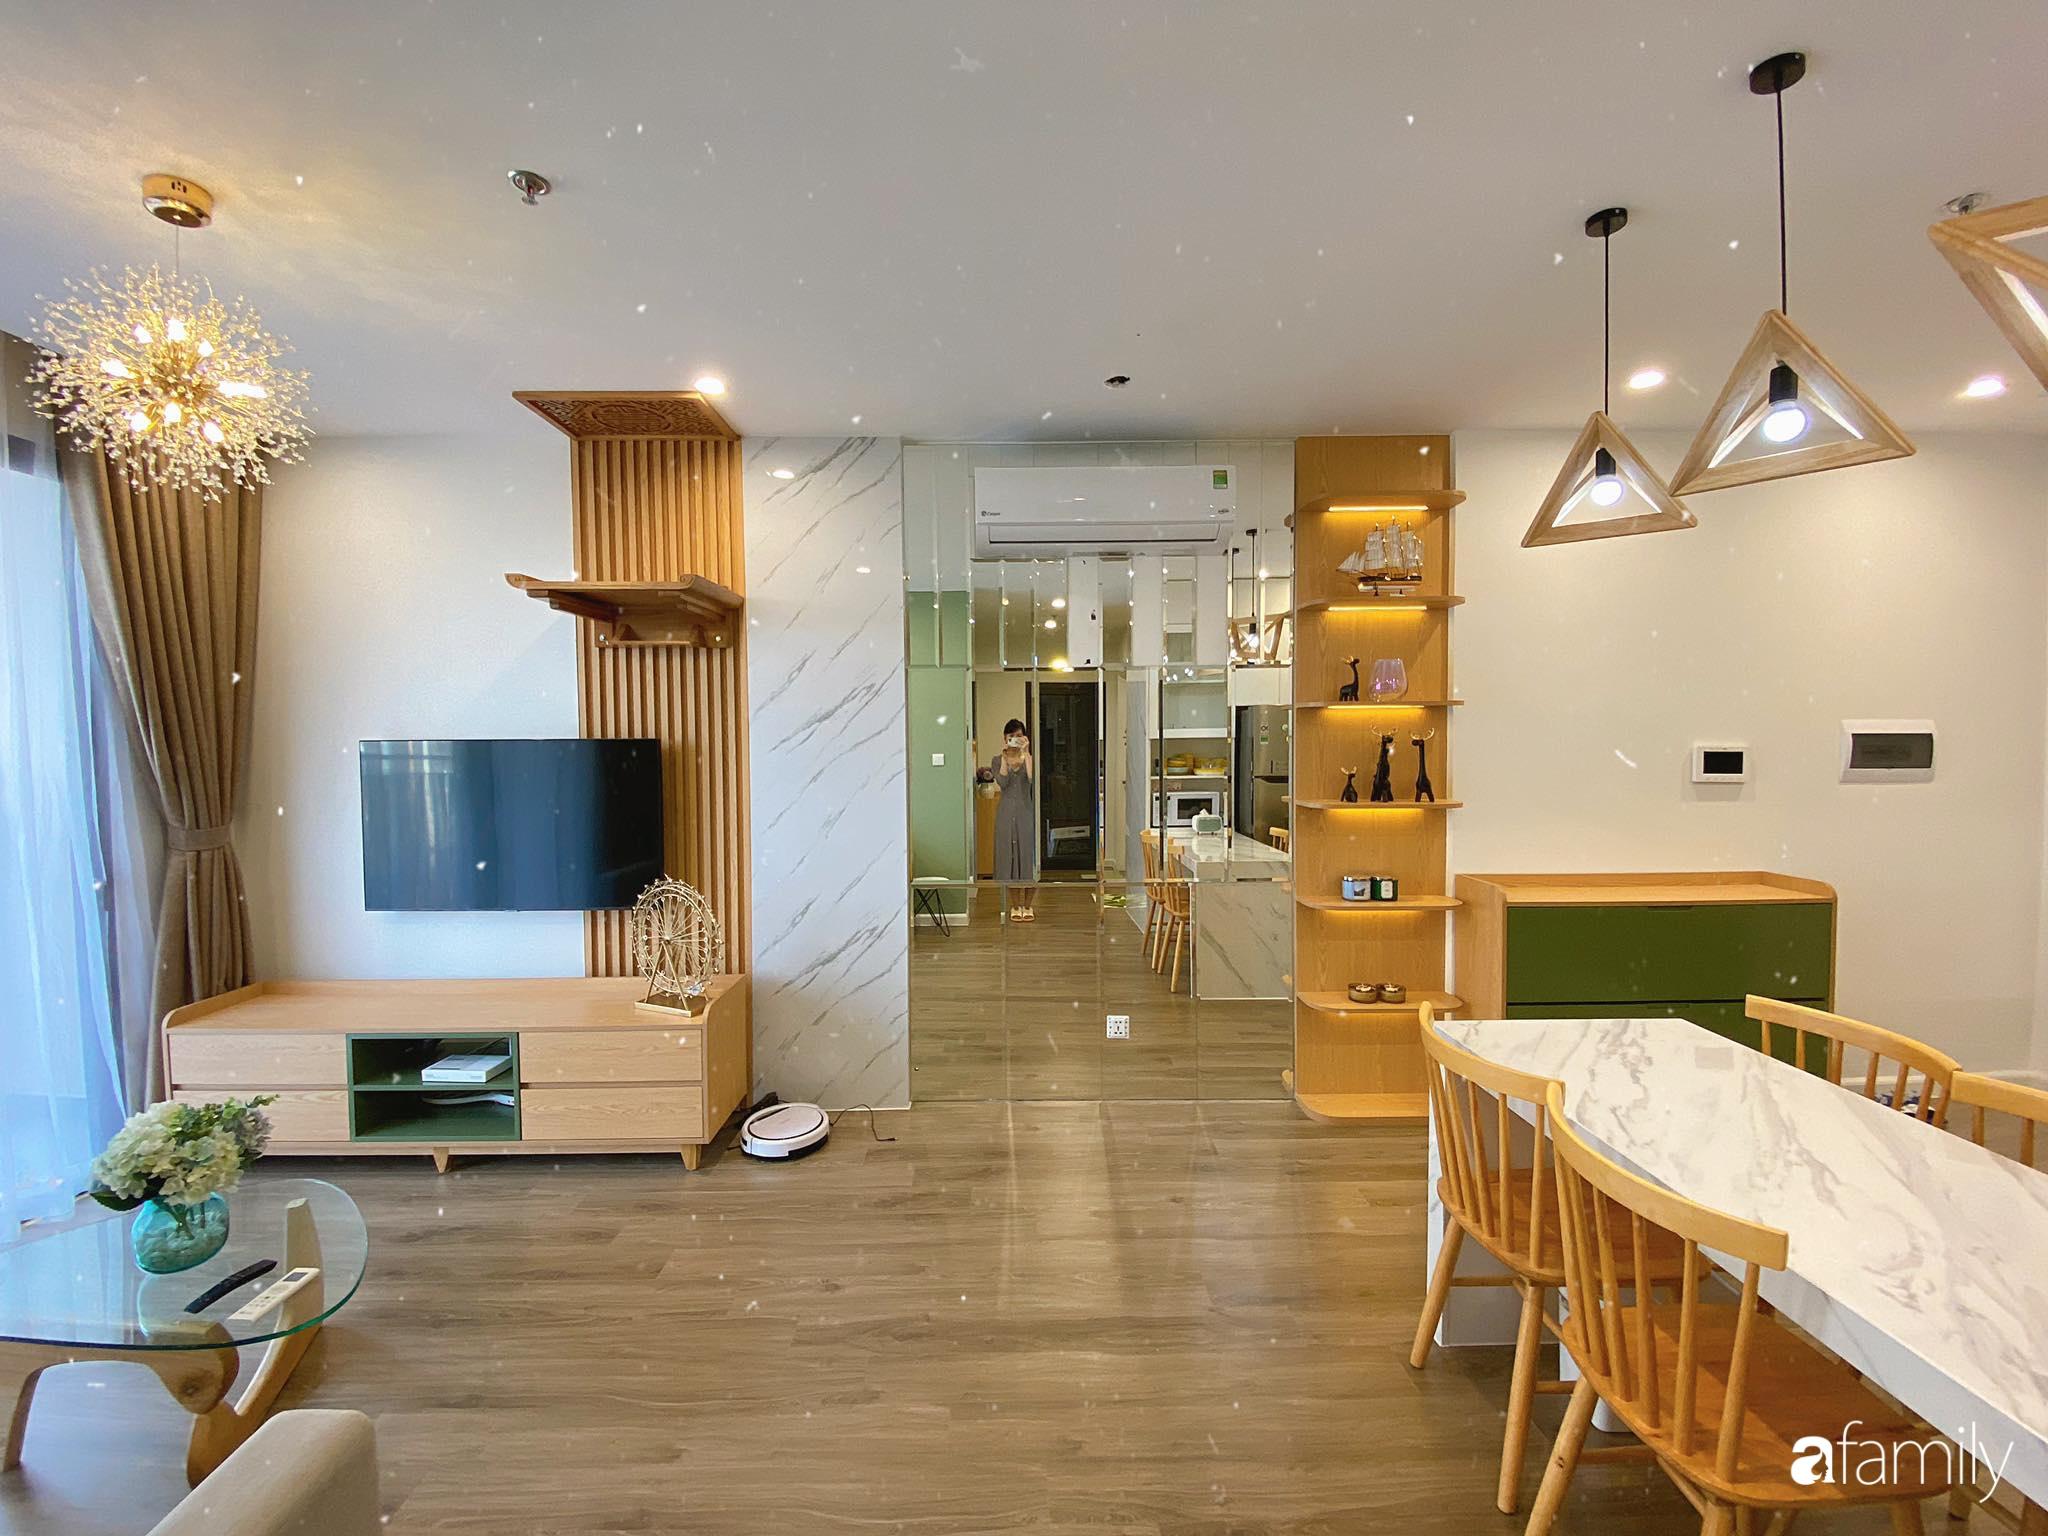 Căn hộ 59m² màu xanh lá xua tan nóng bức mùa hè có chi phí hoàn thiện 225 triệu đồng ở Hà Nội - Ảnh 1.